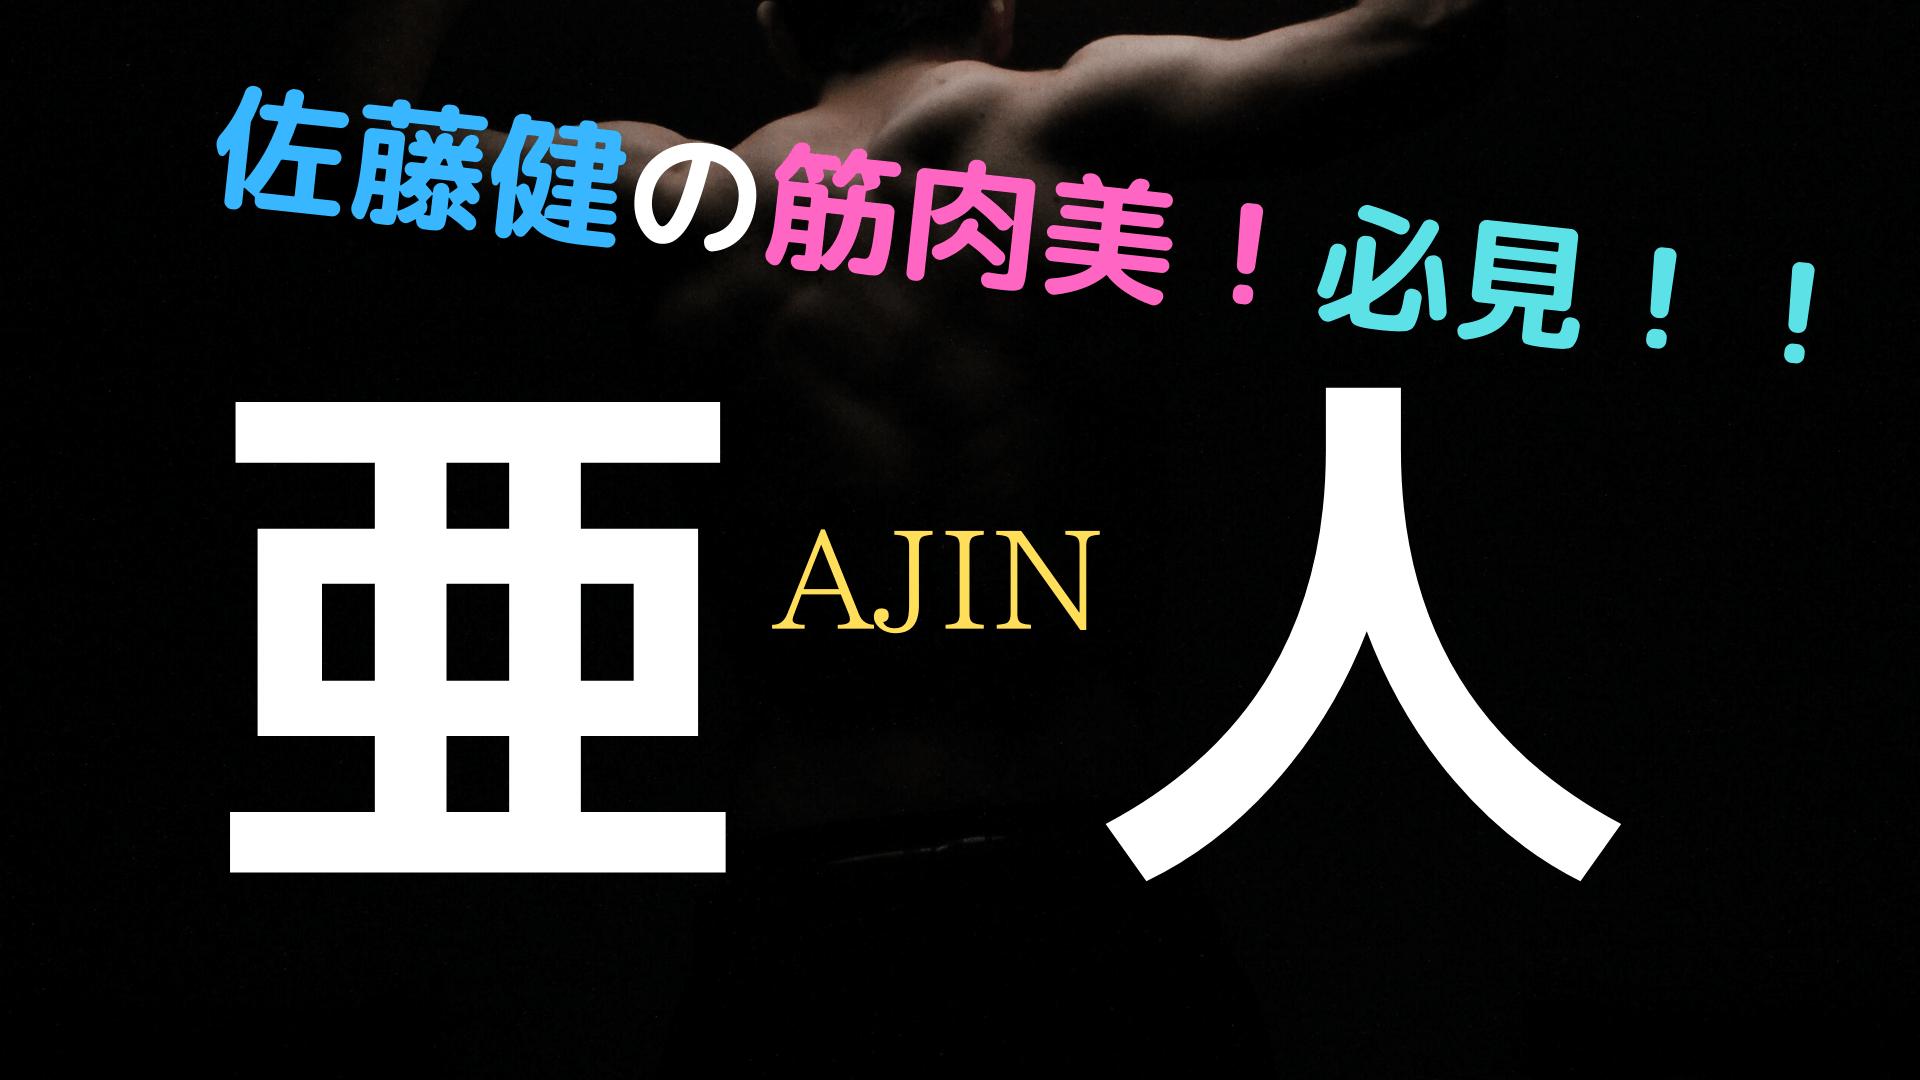 映画亜人のアイキャッチ